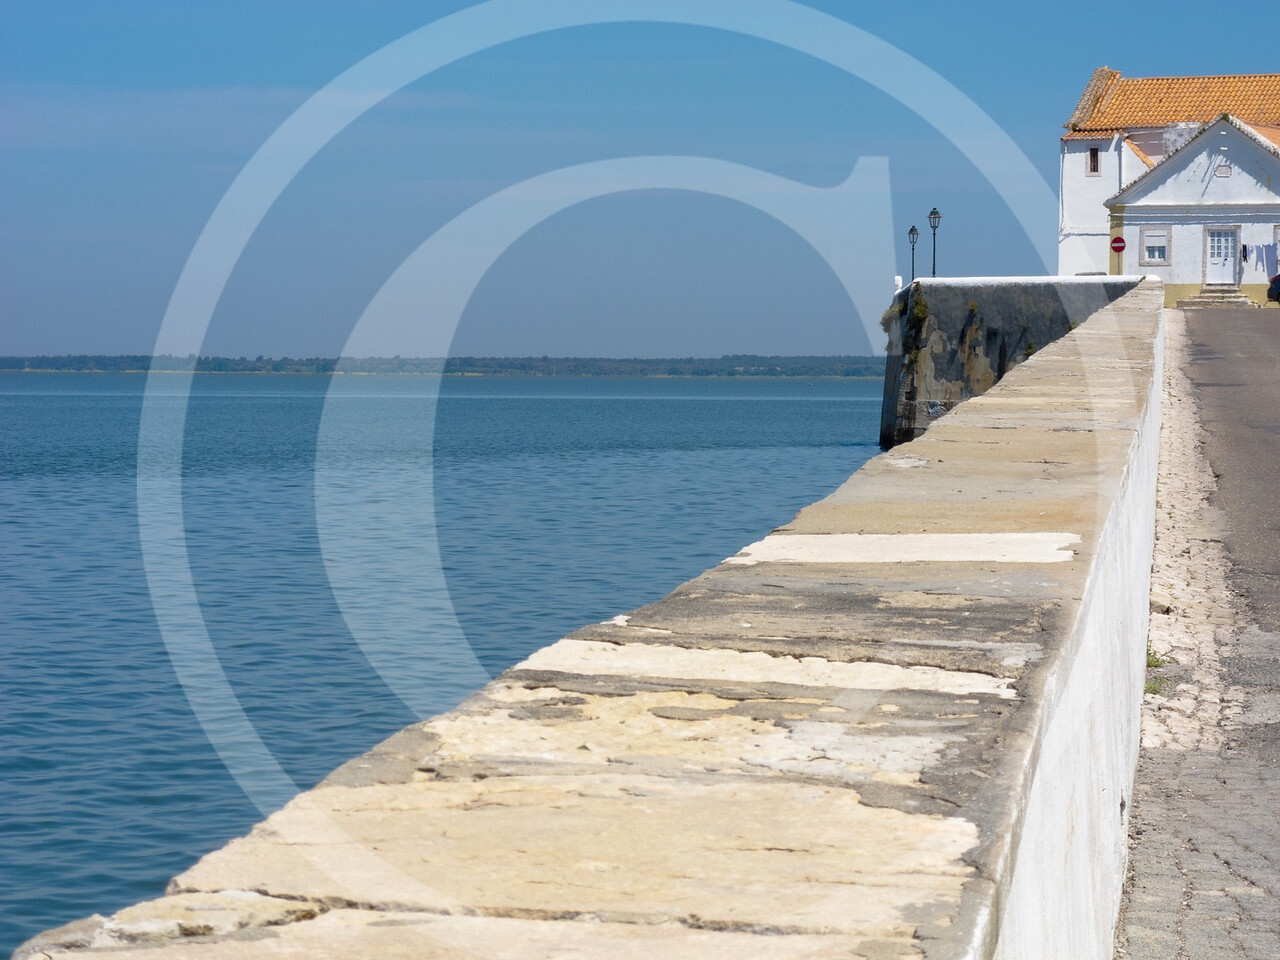 Lisboa0420111415-293